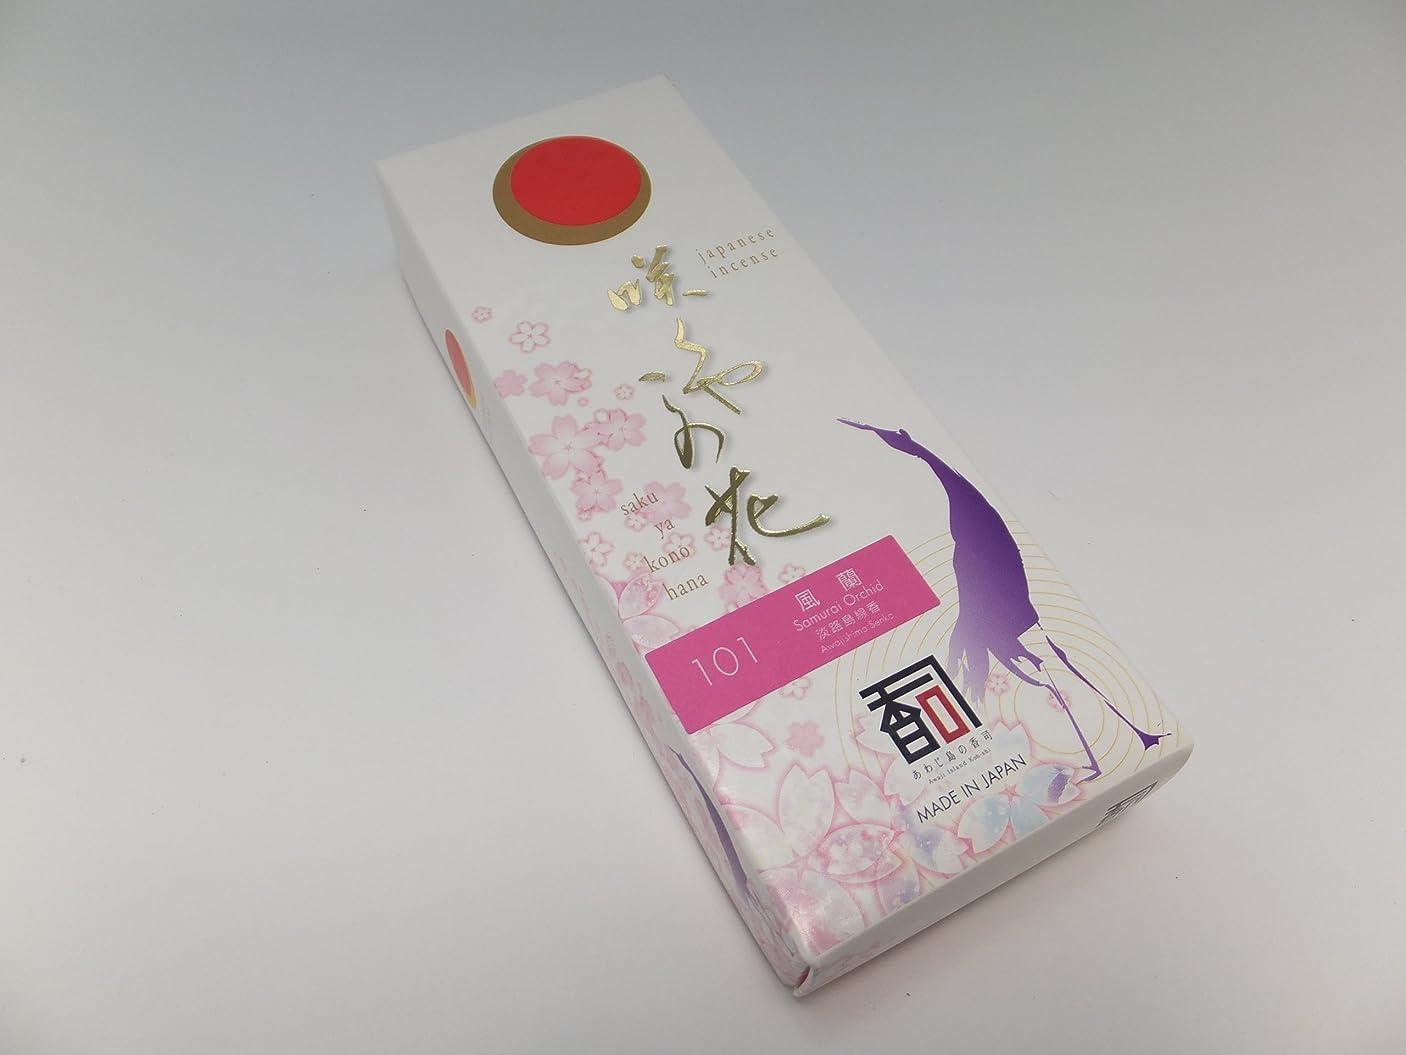 見えないシャックルウガンダ「あわじ島の香司」 日本の香りシリーズ  [咲くや この花] 【101】 風蘭 (煙少)